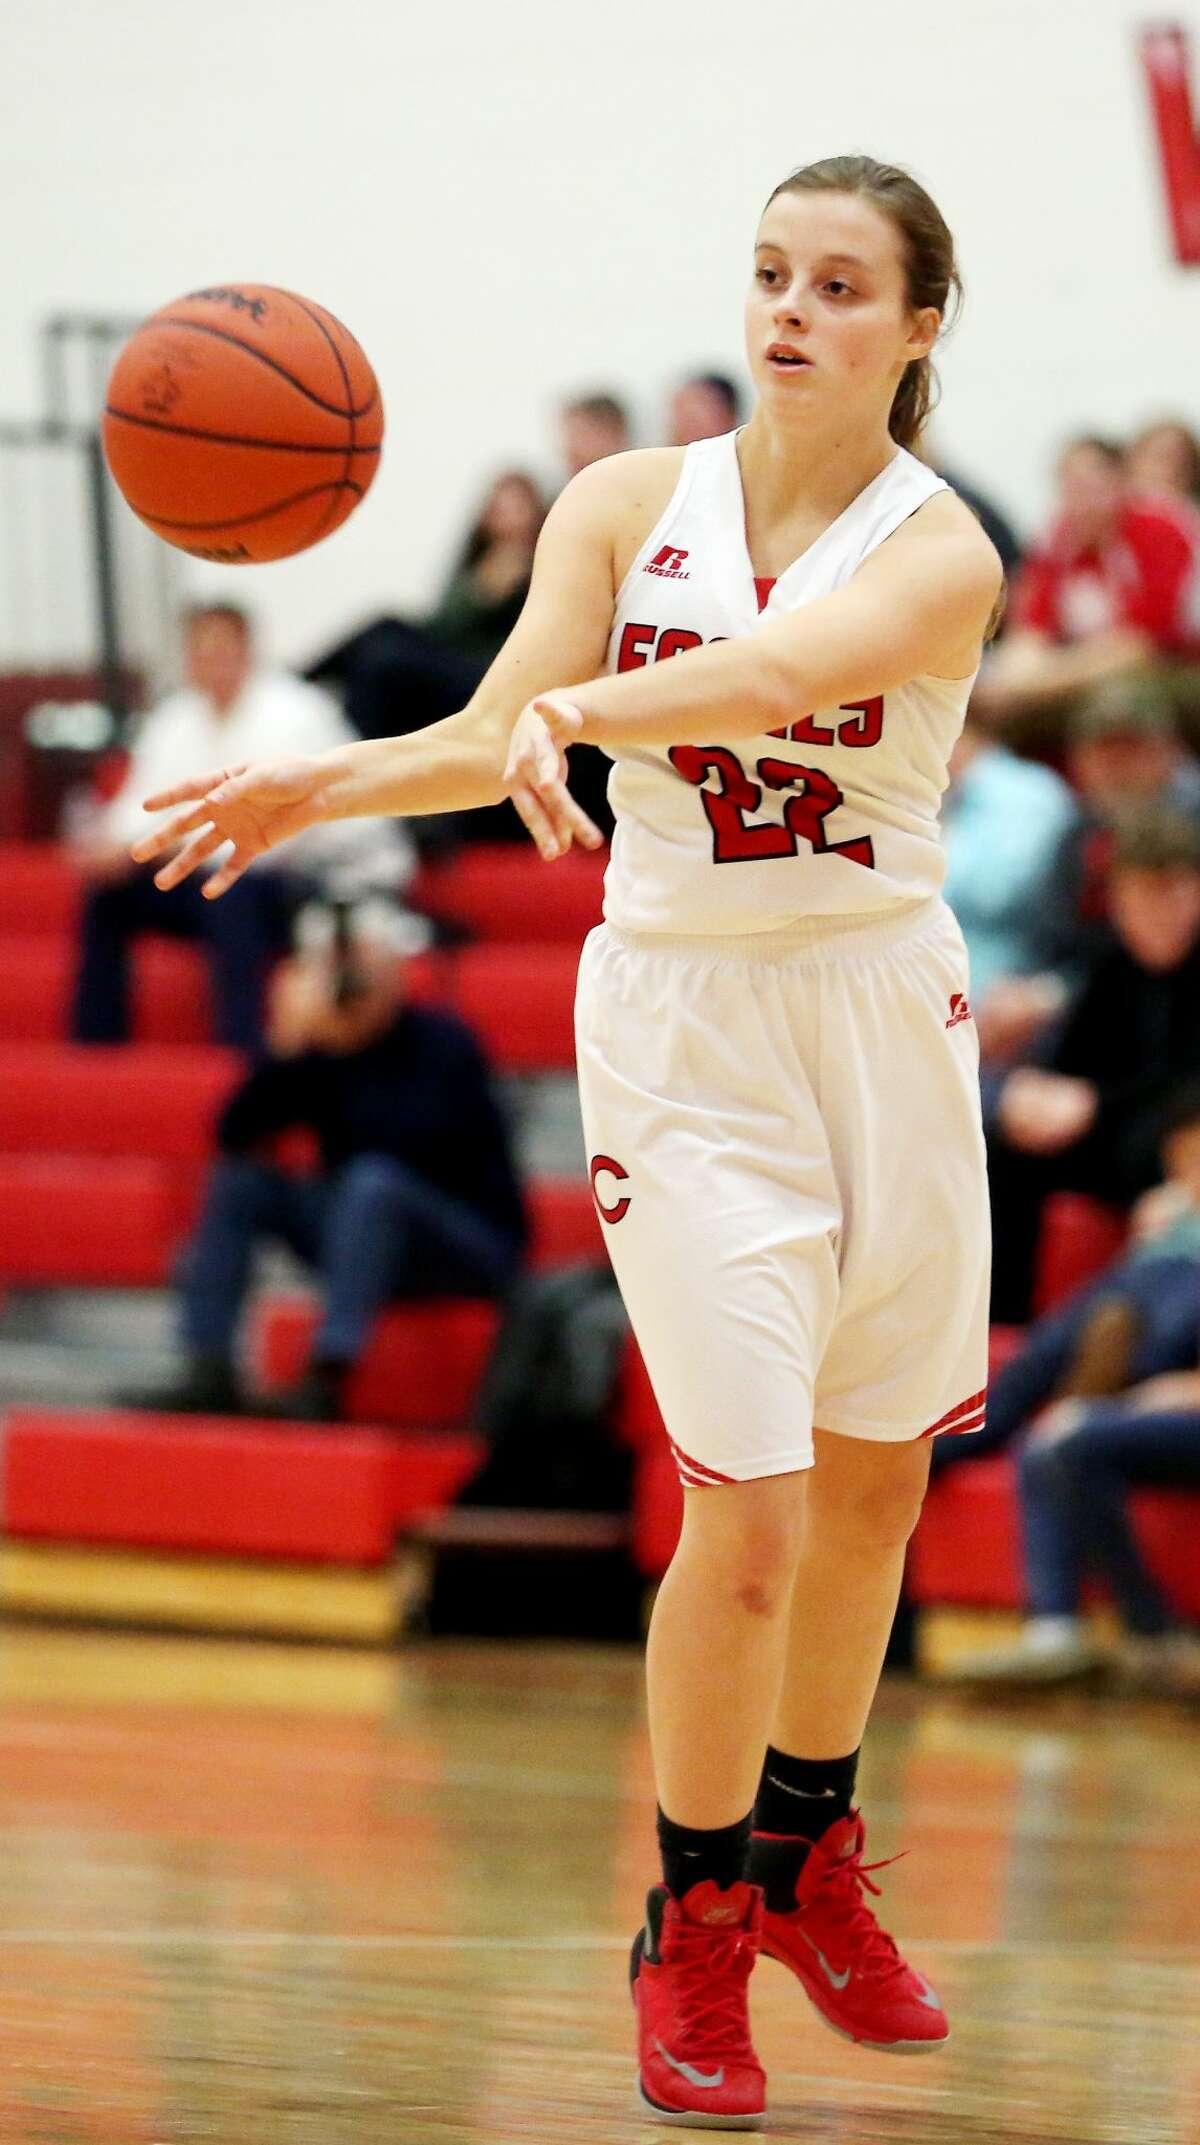 Peck at Caseville - Boys/Girls Basketball 2018